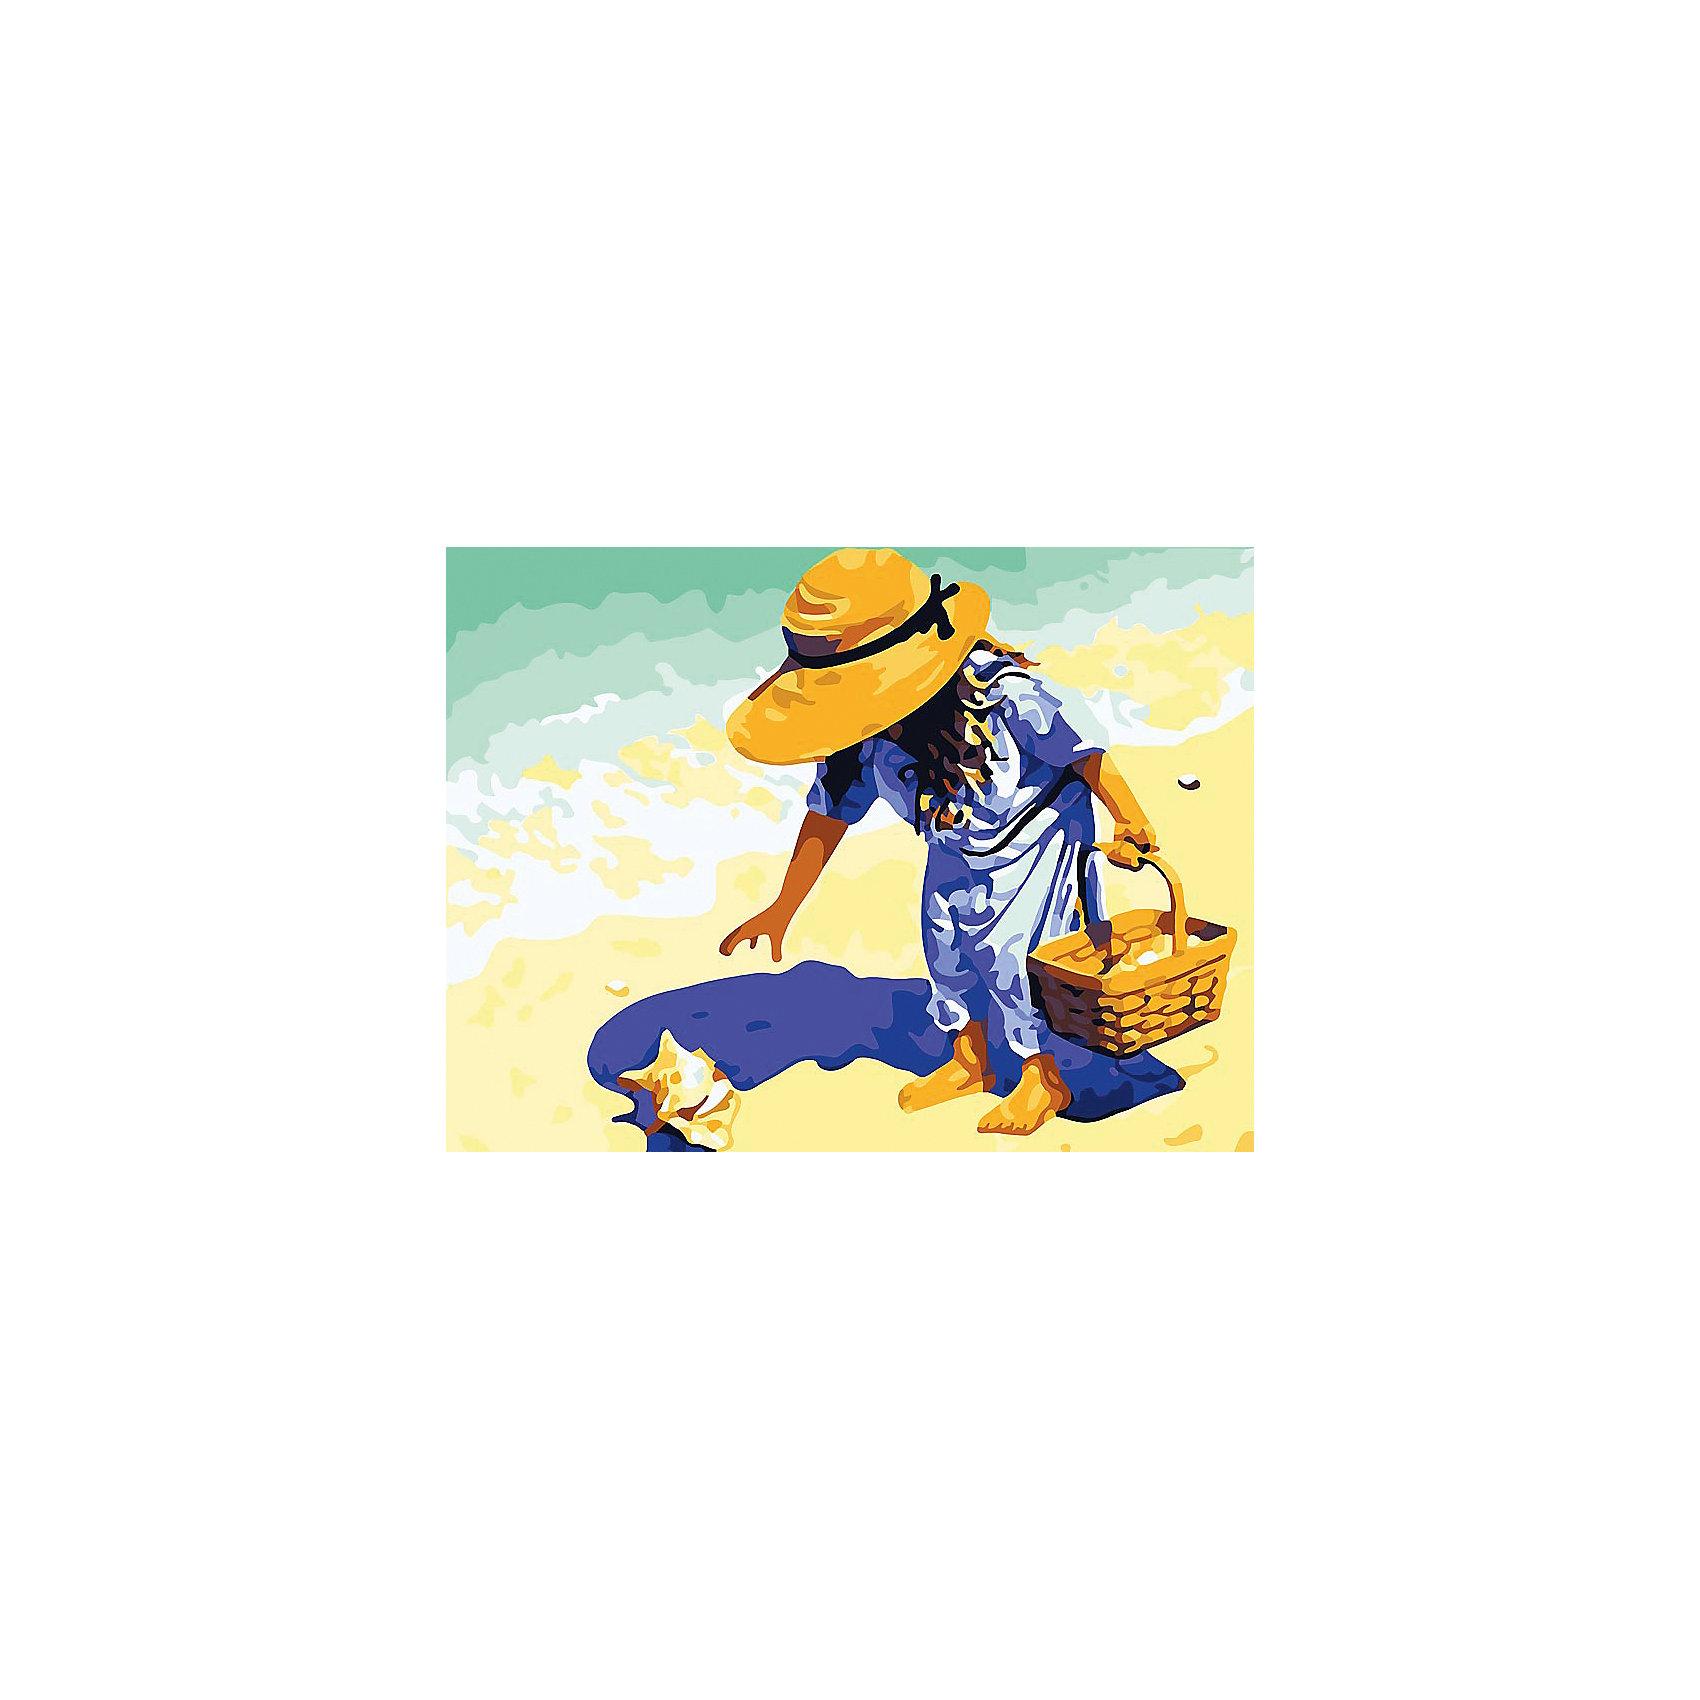 Живопись на холсте Морские находки 30*40 смРаскраски по номерам<br>Характеристики товара:<br><br>• комплектация: холст, карта рисунка, краски, кисти, инструкция, крепление для картины<br>• размер упаковки: 41х31х3 см<br>• размер холста: 40х30 см<br>• не требует специальных навыков<br>• страна бренда: Российская Федерация<br>• страна производства: Китай<br><br>Набор для раскрашивания по номерам - это отличный подарок для ребенка или взрослого! В комплекте есть всё необходимое для самостоятельного создания шедевра: холст, краски, кисти и инструкция. Акриловые краски не нужно смешивать - каждый номер баночки соответствует номеру нужного оттенка на холсте. Нарисовать картину сможет даже человек, никогда раньше не рисовавший! Готовое полотно и может стать украшением интерьера или подарком для близких.<br>Комплектующие набора качественно выполнены, сделаны из безопасных для детей материалов. Рисование помогает детям лучше развить мелкую моторику, память, внимание, аккуратность и мышление. Такой набор - отличный подарок ребенку, но он сможет увлечь даже взрослого!<br><br>Живопись на холсте Морские находки 30*40 см от бренда Белоснежка можно купить в нашем интернет-магазине.<br><br>Ширина мм: 410<br>Глубина мм: 310<br>Высота мм: 25<br>Вес г: 567<br>Возраст от месяцев: 72<br>Возраст до месяцев: 2147483647<br>Пол: Женский<br>Возраст: Детский<br>SKU: 5275910